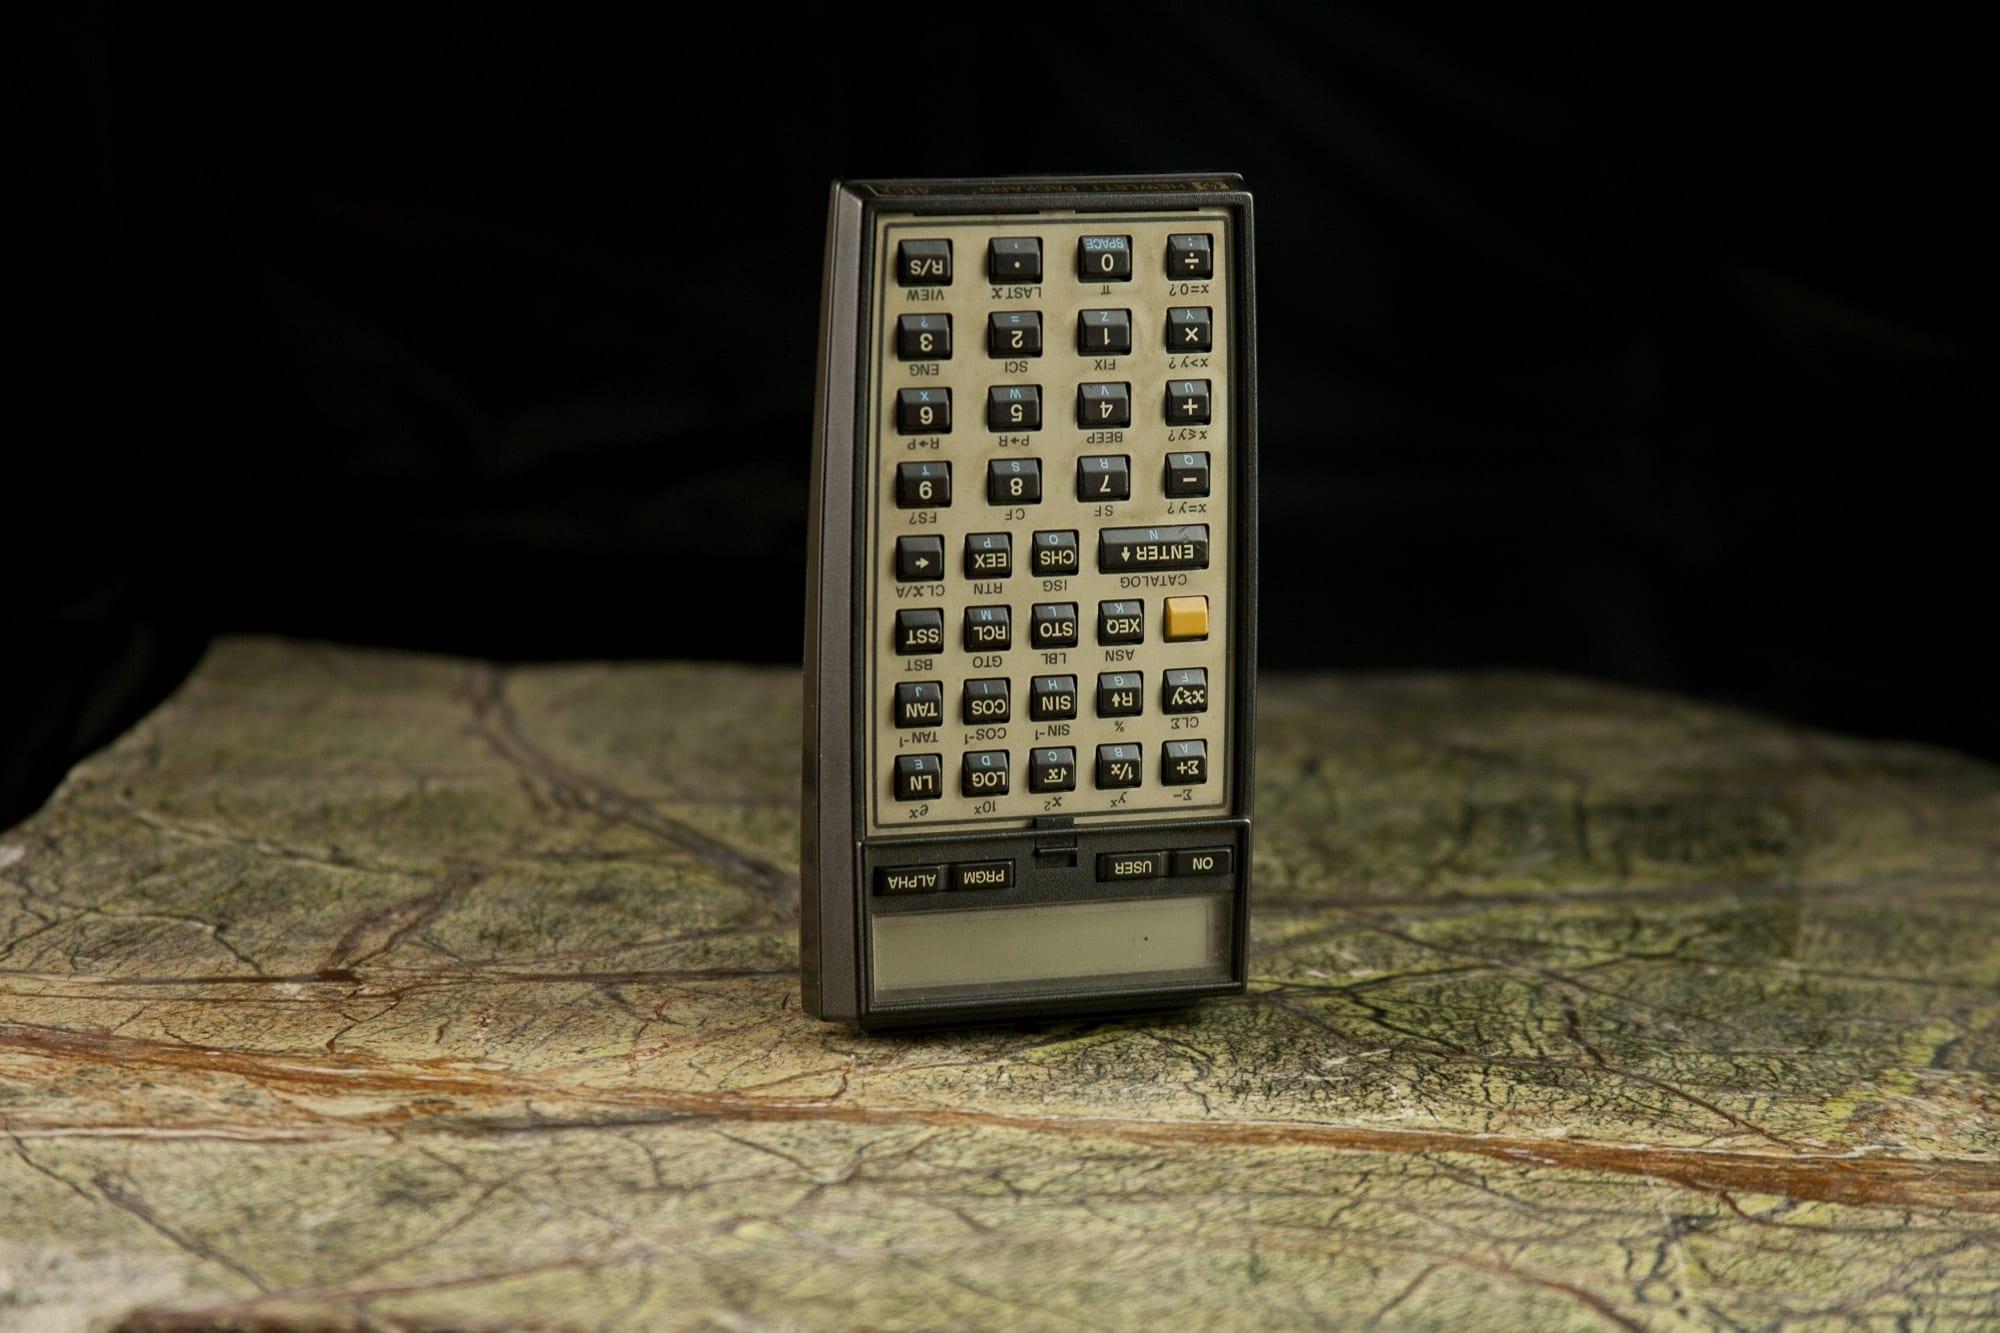 1-11 HP-41CX (ca 1983)